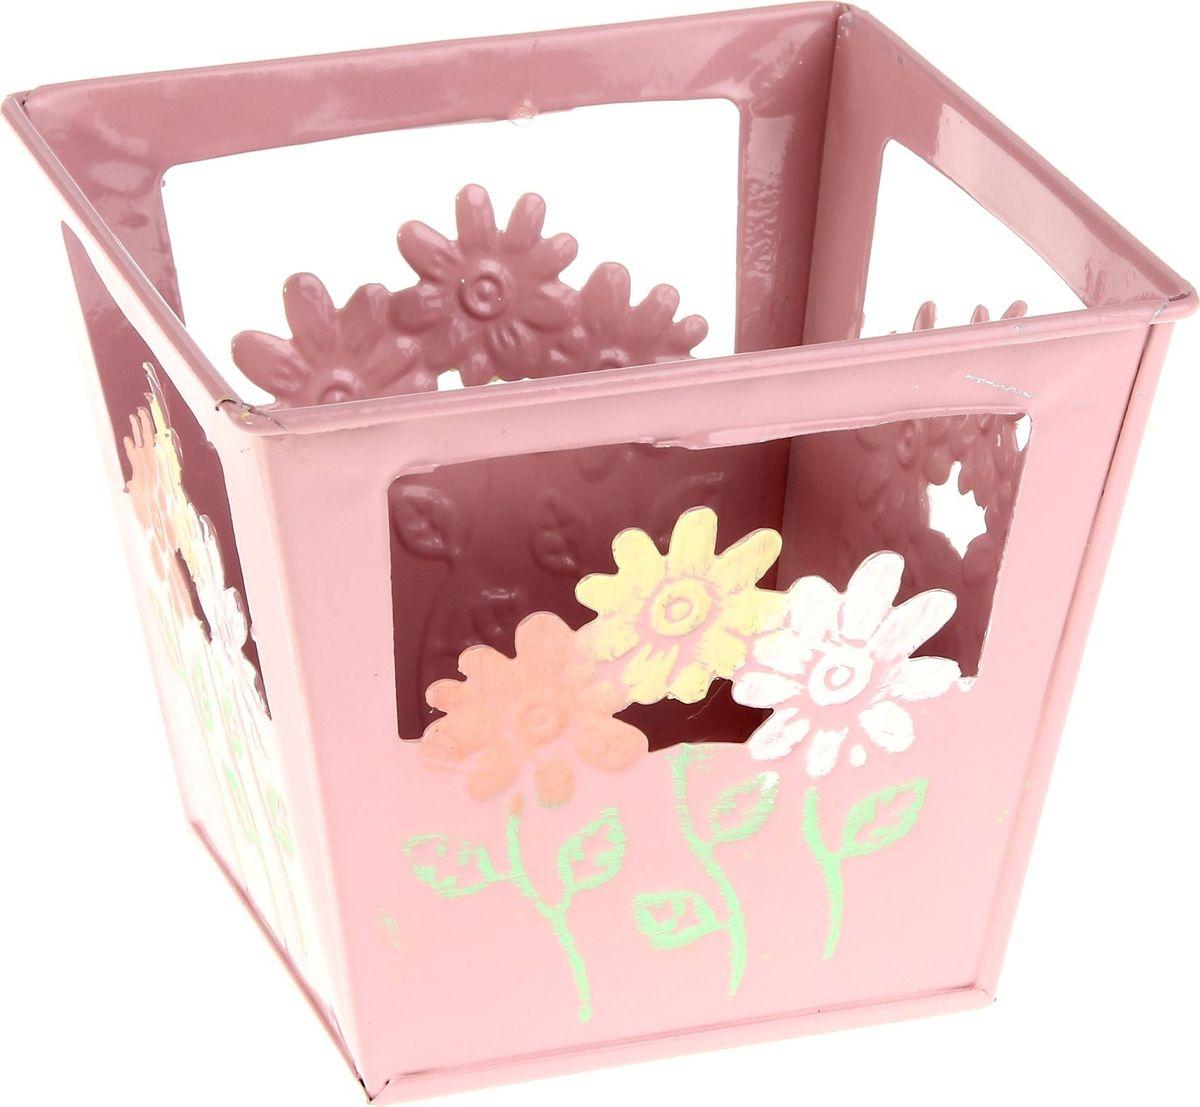 Кашпо Цветочки, цвет: розовый, 12 х 12 х10 см232868Комнатные растения — всеобщие любимцы. Они радуют глаз, насыщают помещение кислородом и украшают пространство. Каждому из растений необходим свой удобный и красивый дом. Металлические декоративные вазы для горшков практичны и долговечны. #name# позаботится о зелёном питомце, освежит интерьер и подчеркнёт его стиль. Особенно выигрышно они смотрятся в экстерьере: на террасах и в беседках. При желании его всегда можно перекрасить в другой цвет.